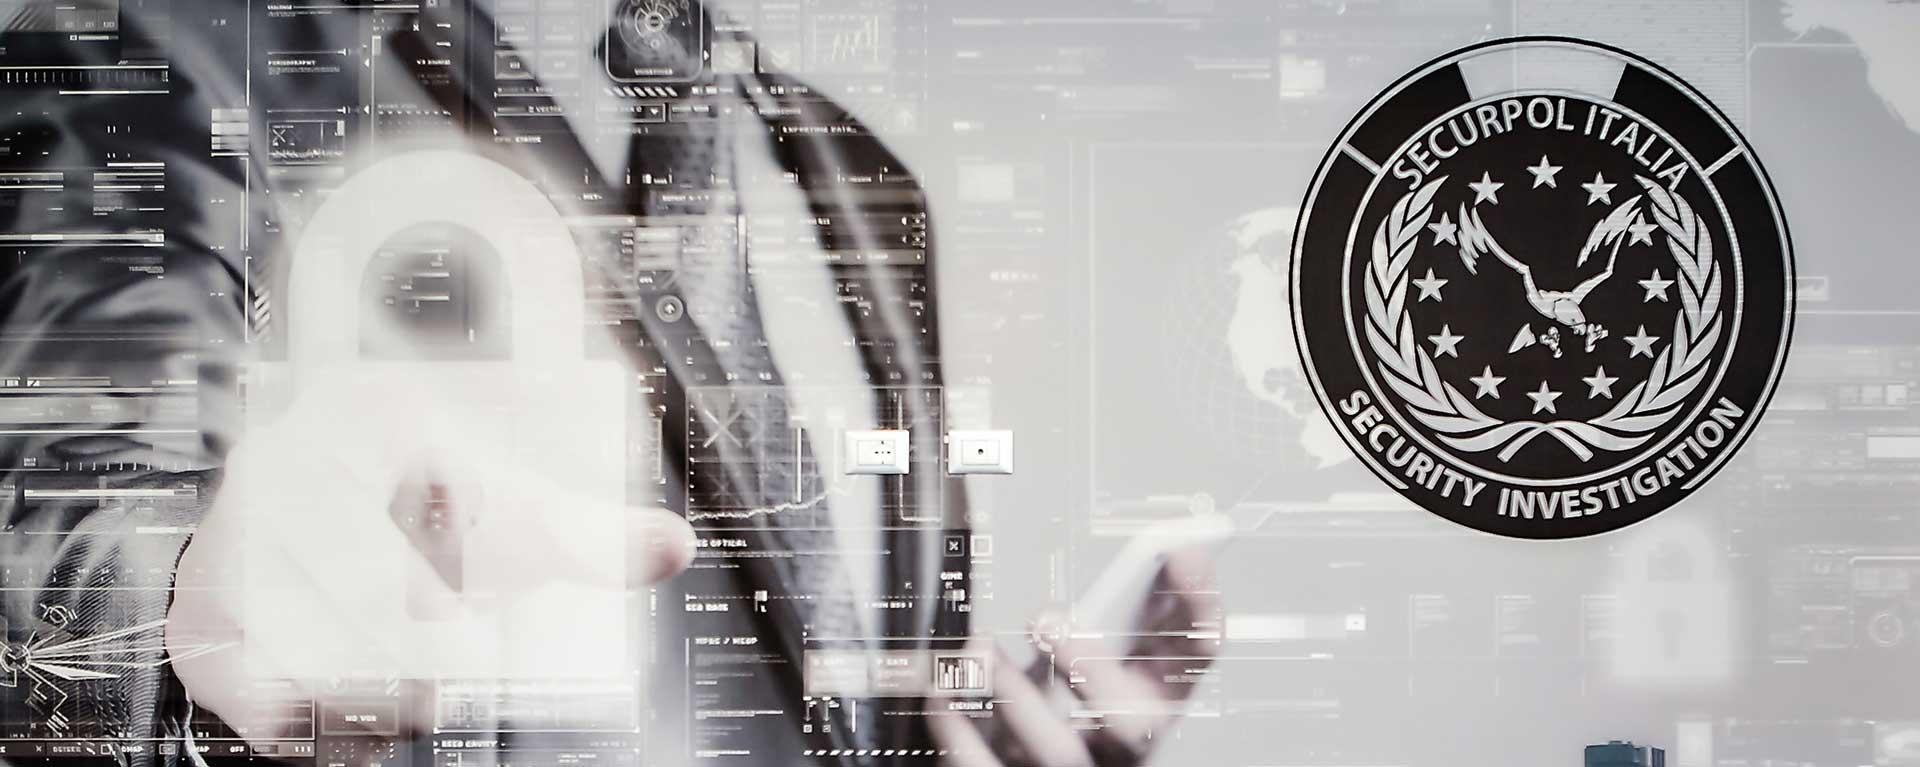 servizi di sicurezza e investigazioni Securpol Italia